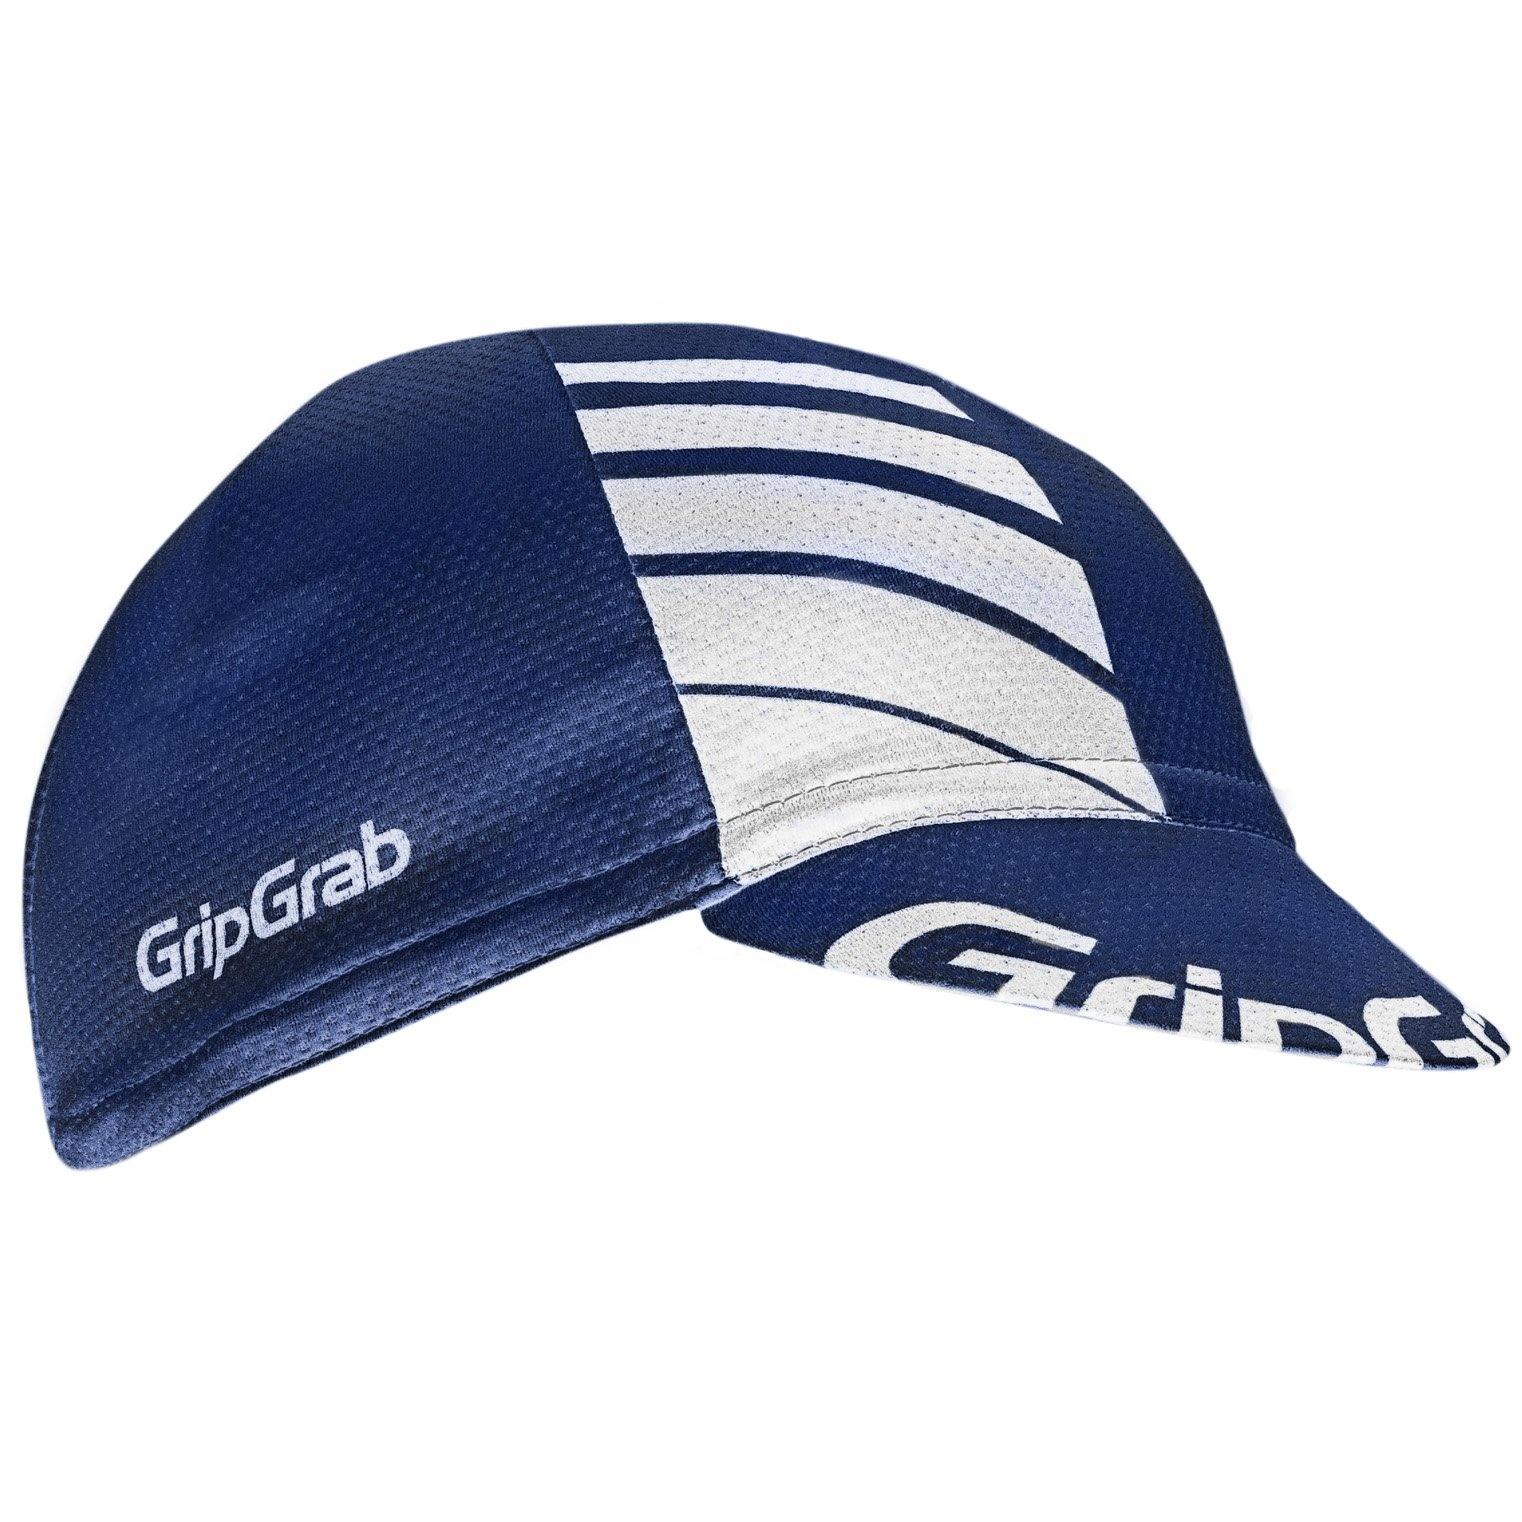 GripGrab Summer Cycling Cap Letvægts - Navy